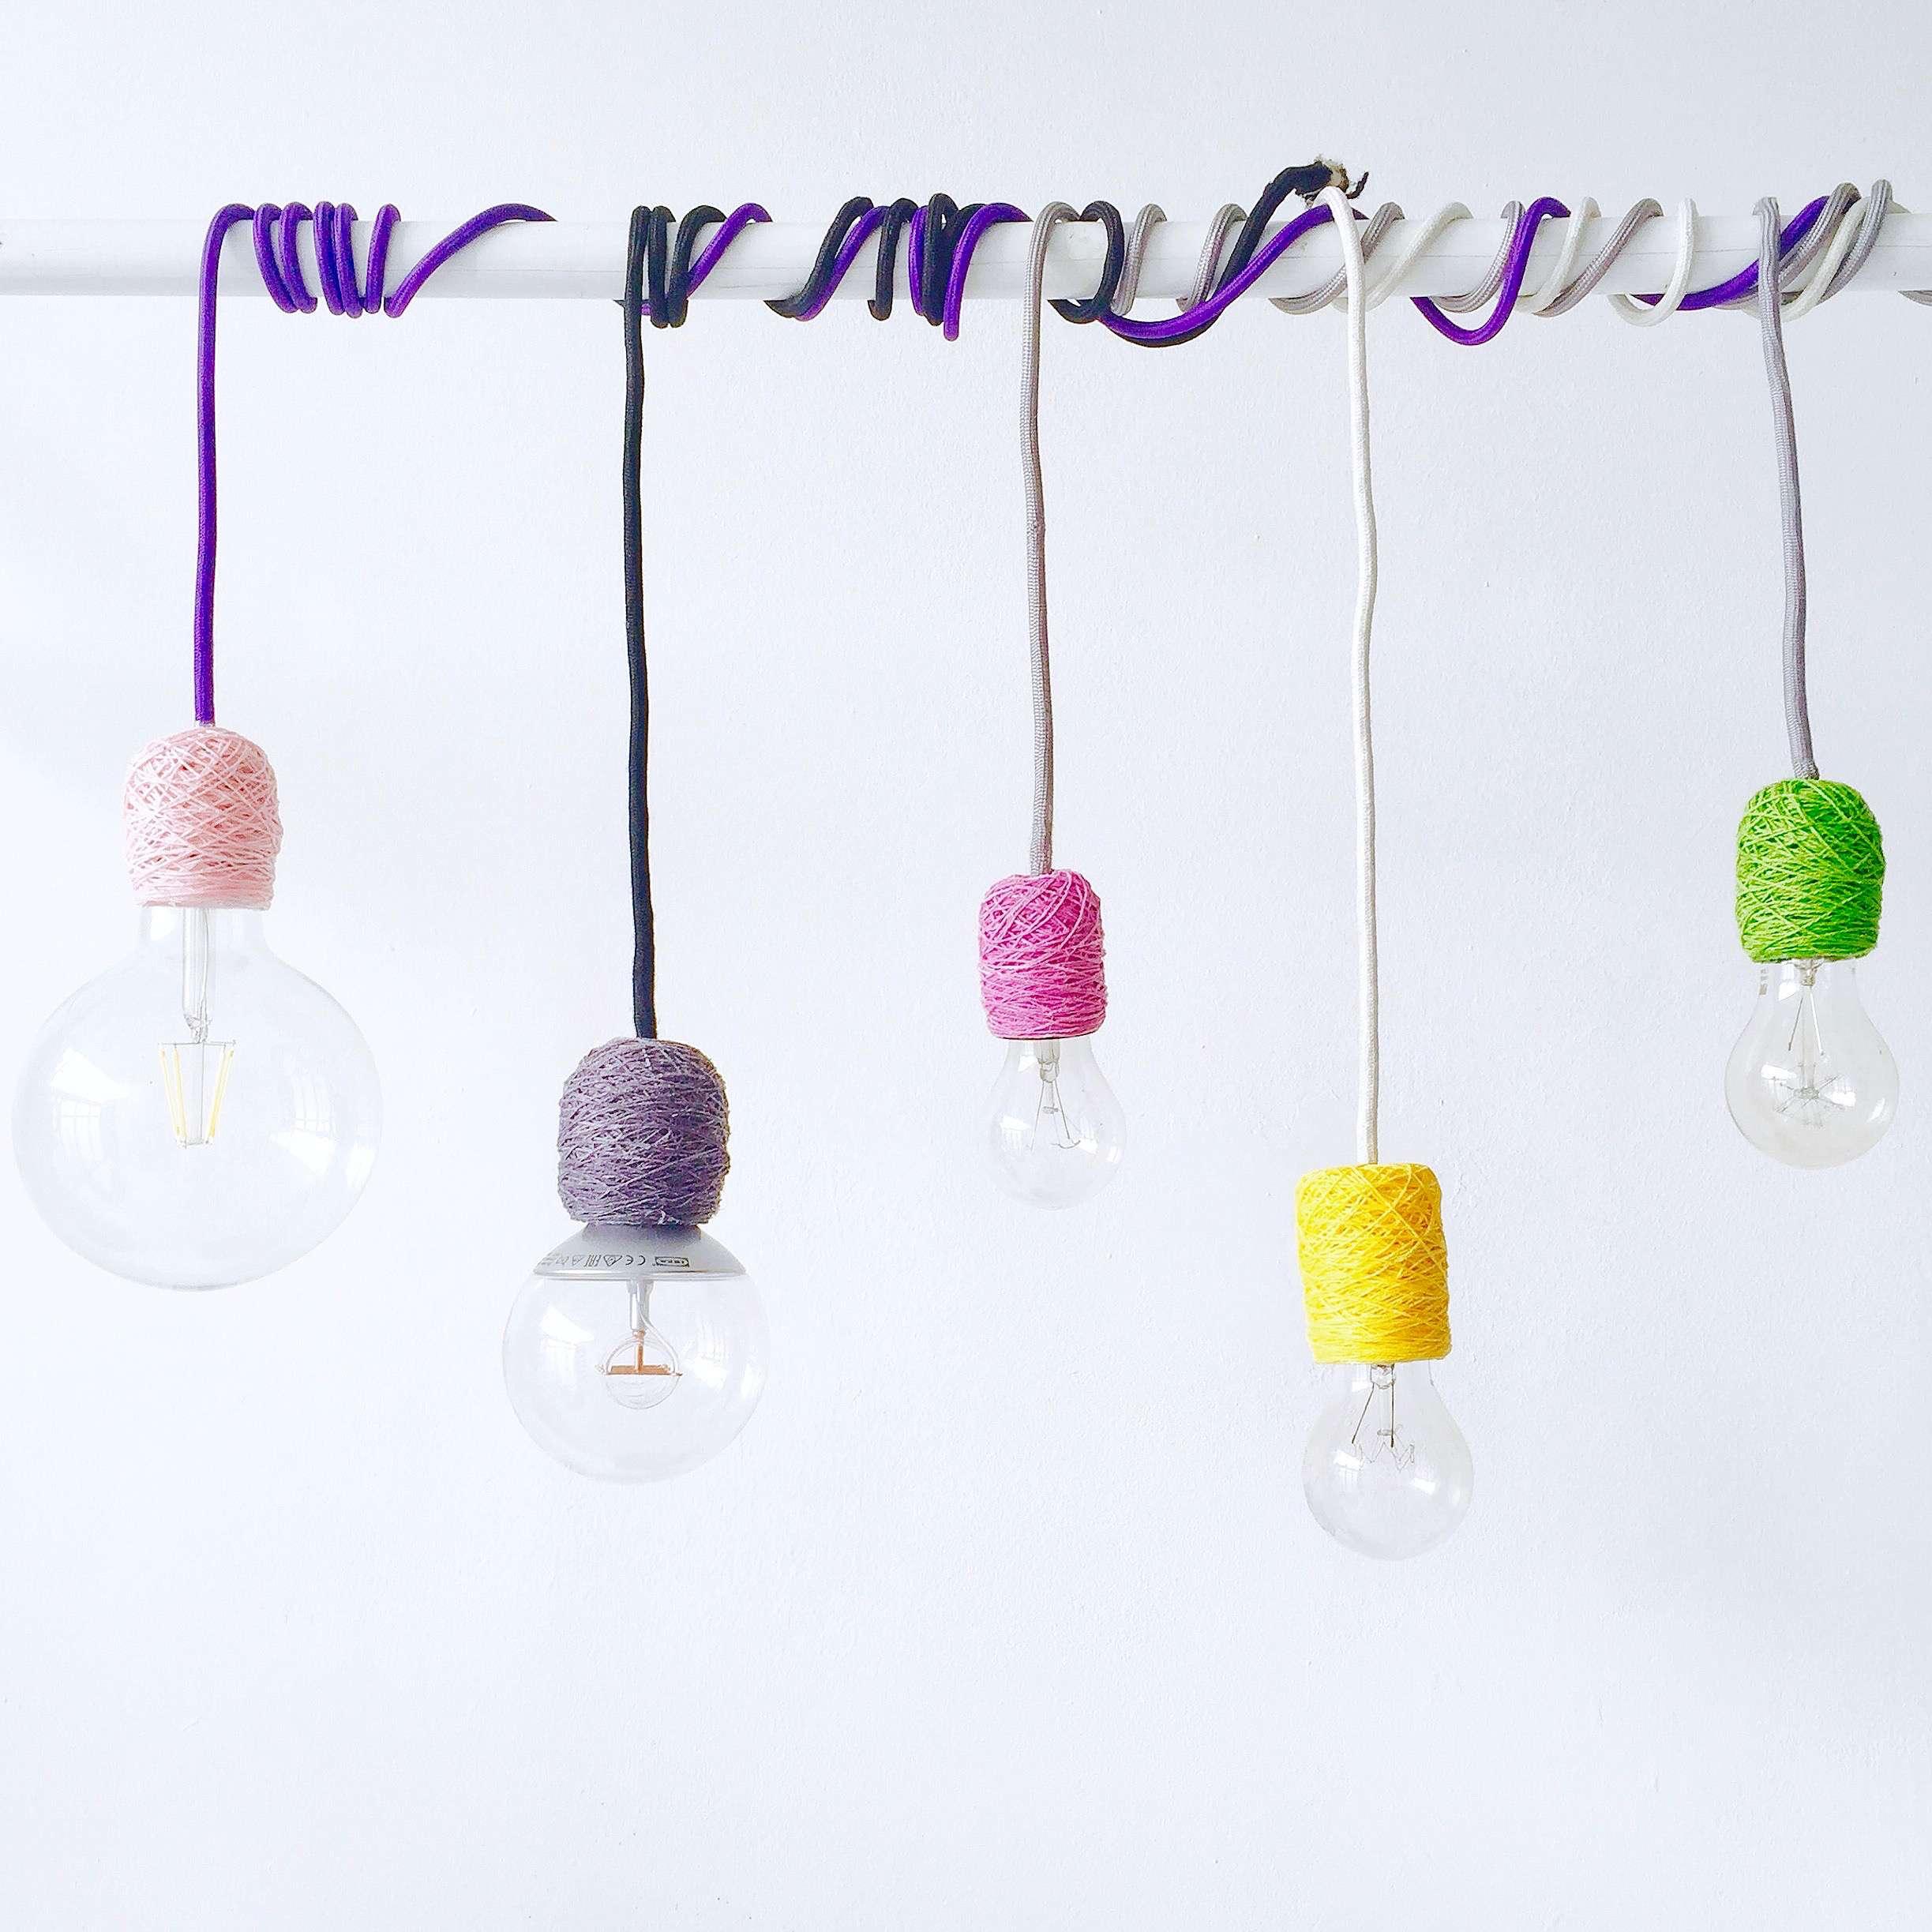 L mpara colgante minimalista nude geometrik design - Lamparas colgantes minimalistas ...